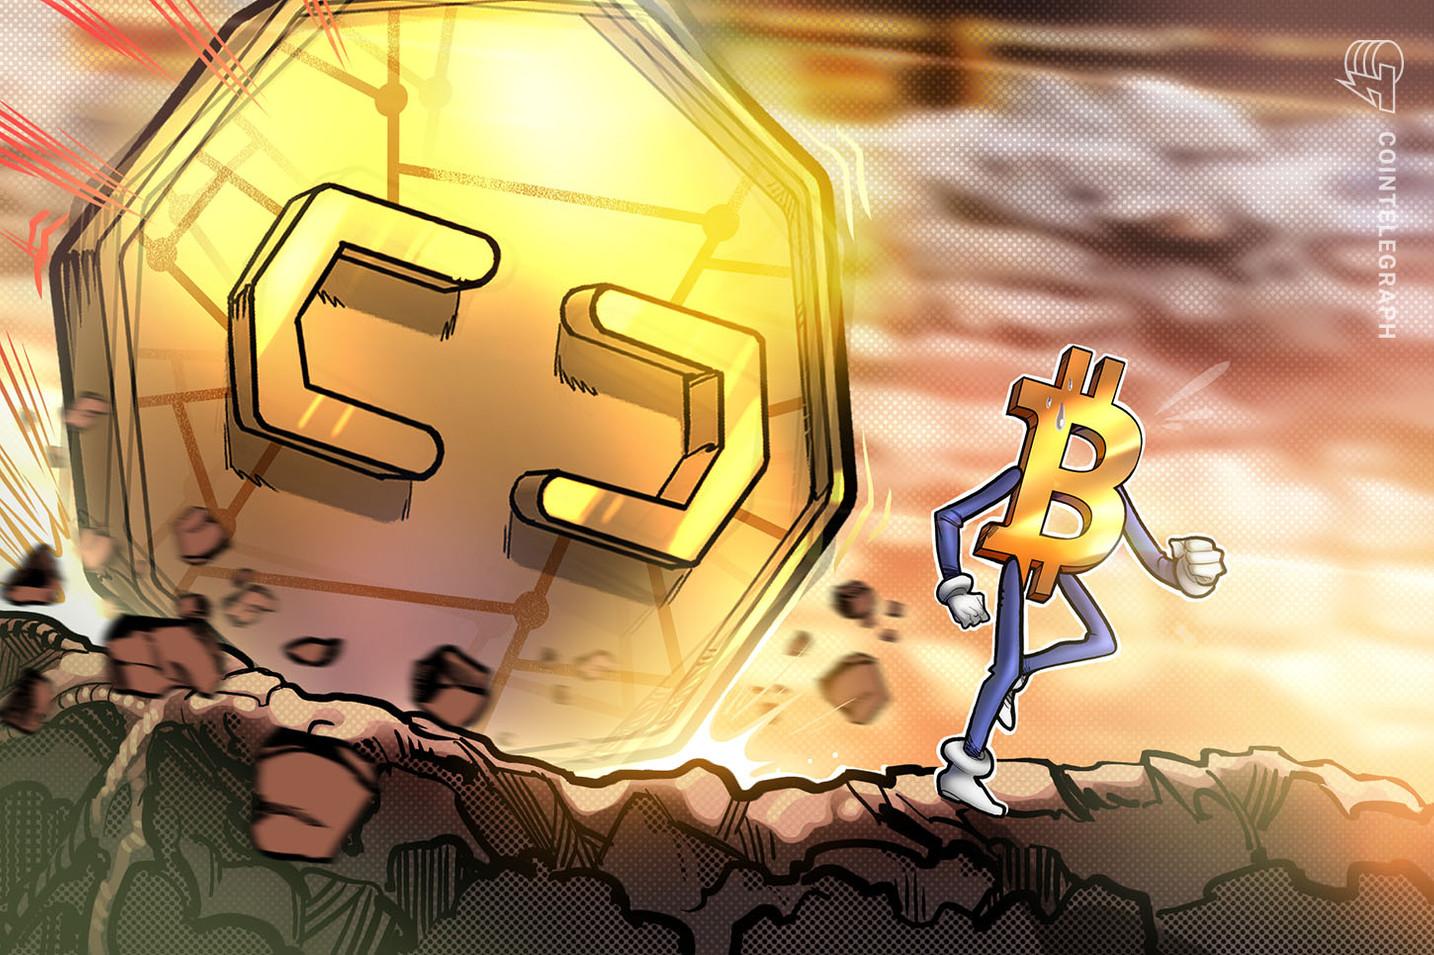 العملات البديلة تحقق مكاسب من رقمين حتى مع انخفاض سعر بيتكوين إلى ٤٢٥٠٠ دولار